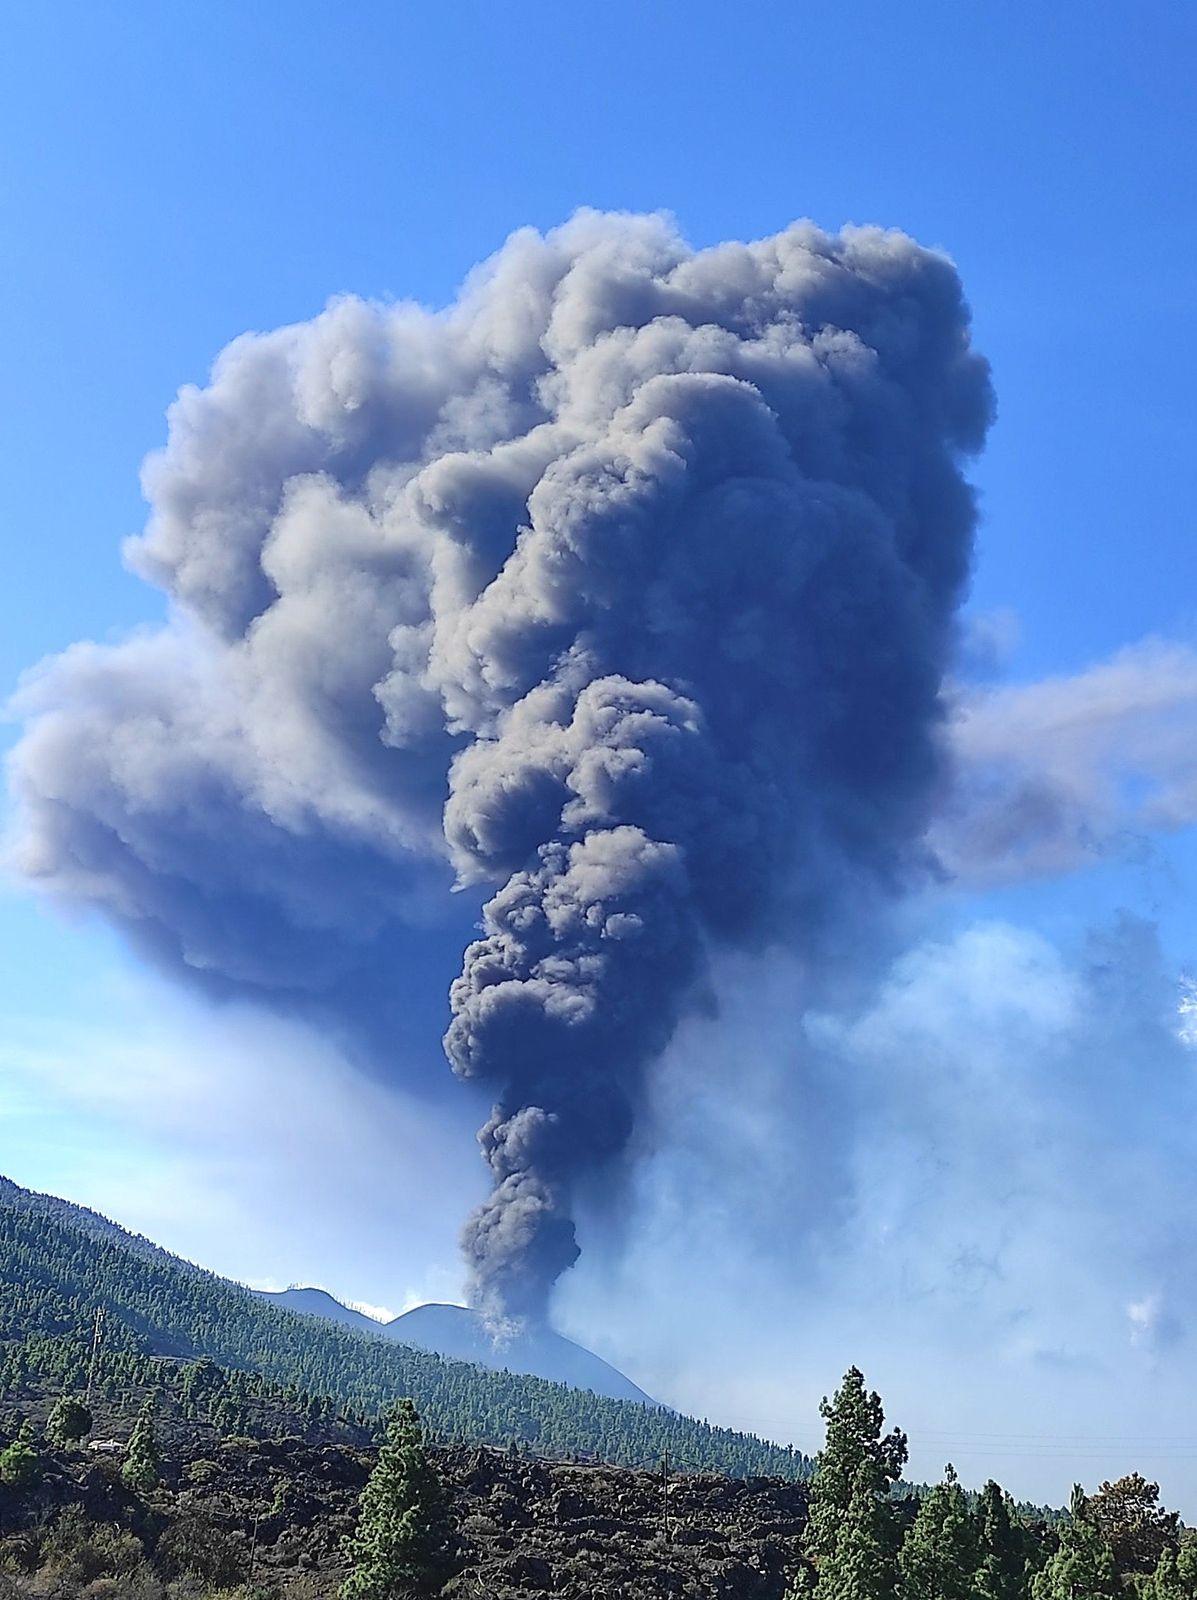 La Palma / Cumbre Vieja - forte émission de cendres le 04.10.2021 - volcanes de Canarias